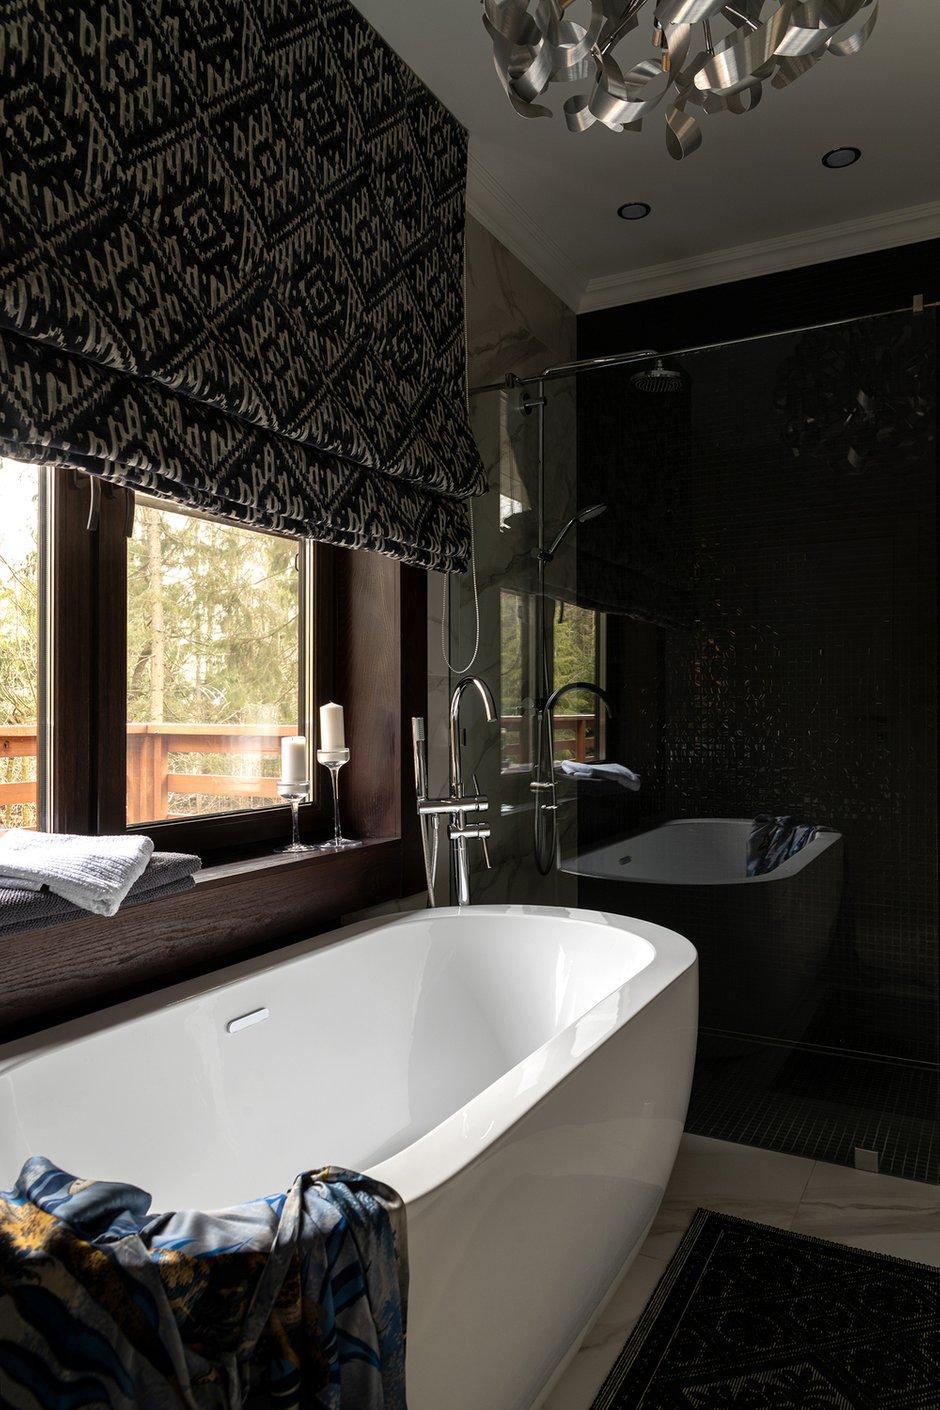 Фотография: Ванная в стиле Современный, Эклектика, Дом, Проект недели, Более 90 метров, Дарья Сиротина, Roomer – фото на INMYROOM